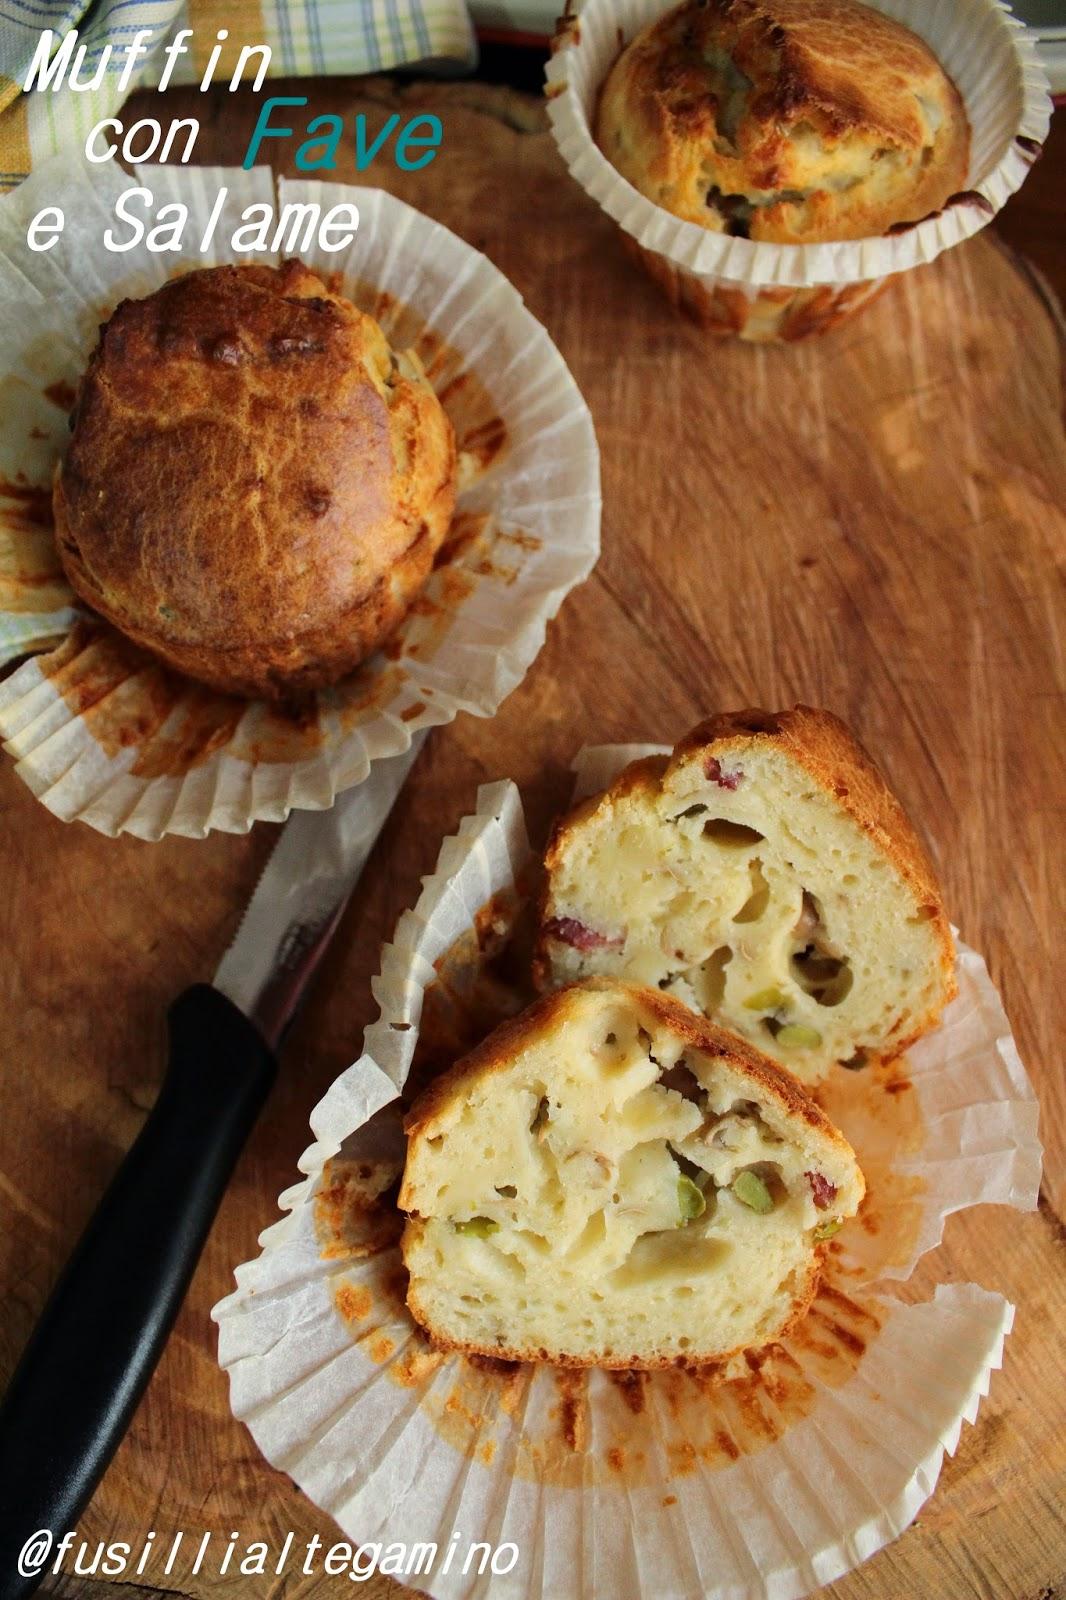 muffin con fave e salame